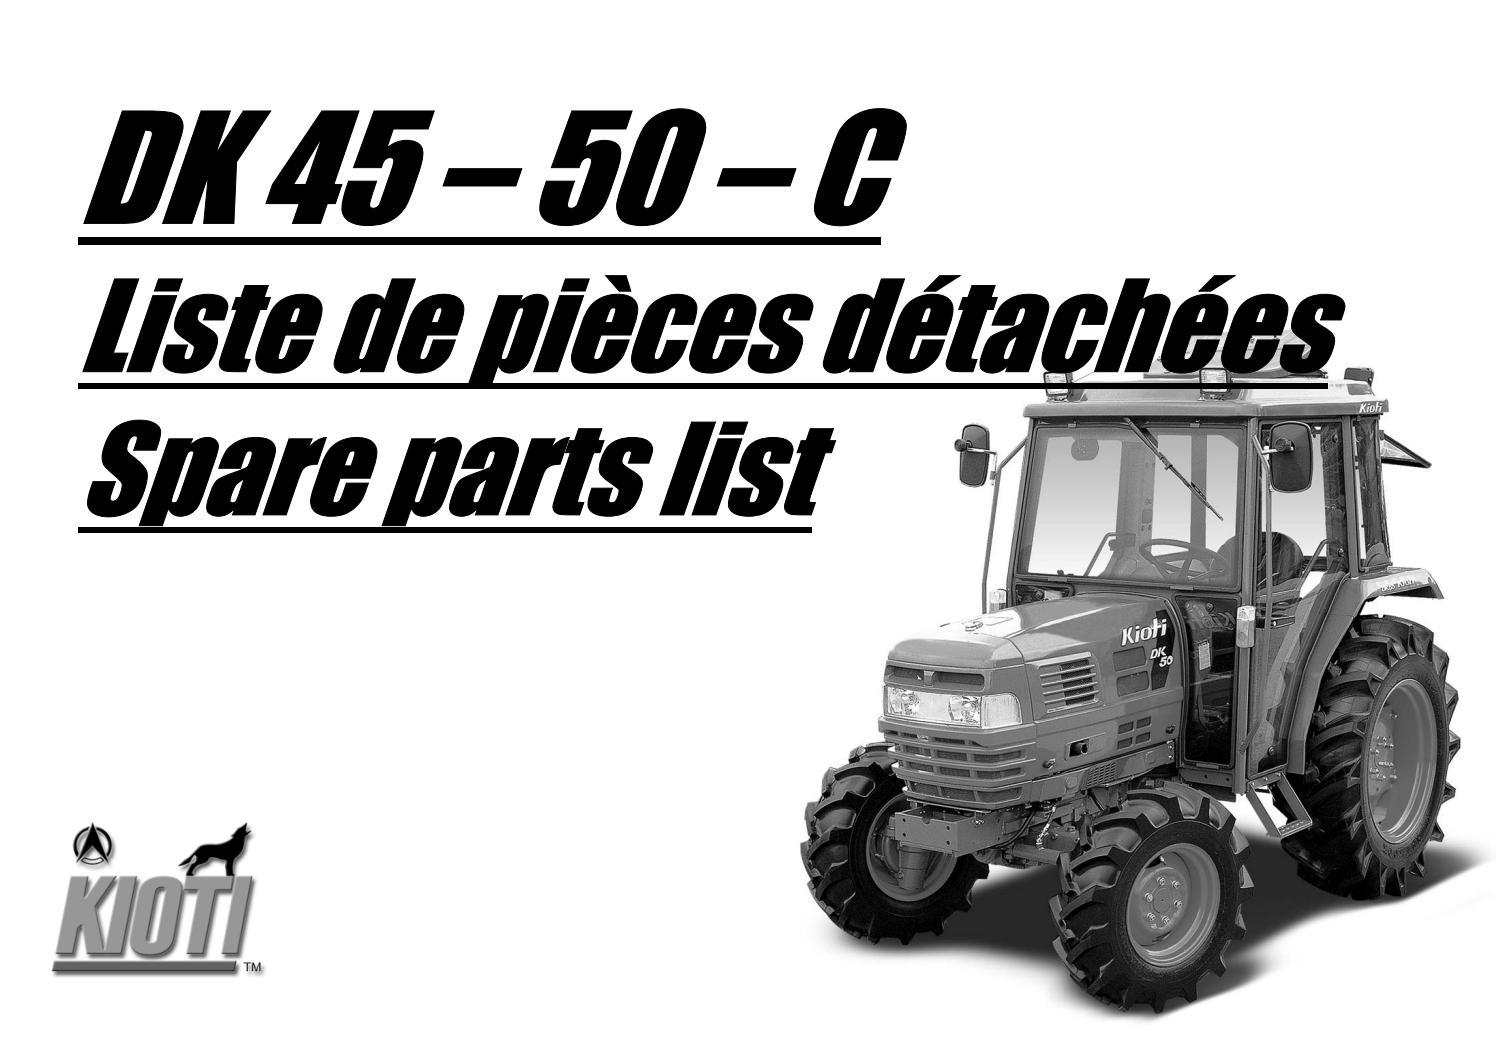 Kioti Daedong DK45 Tractor Parts Catalogue Manual by